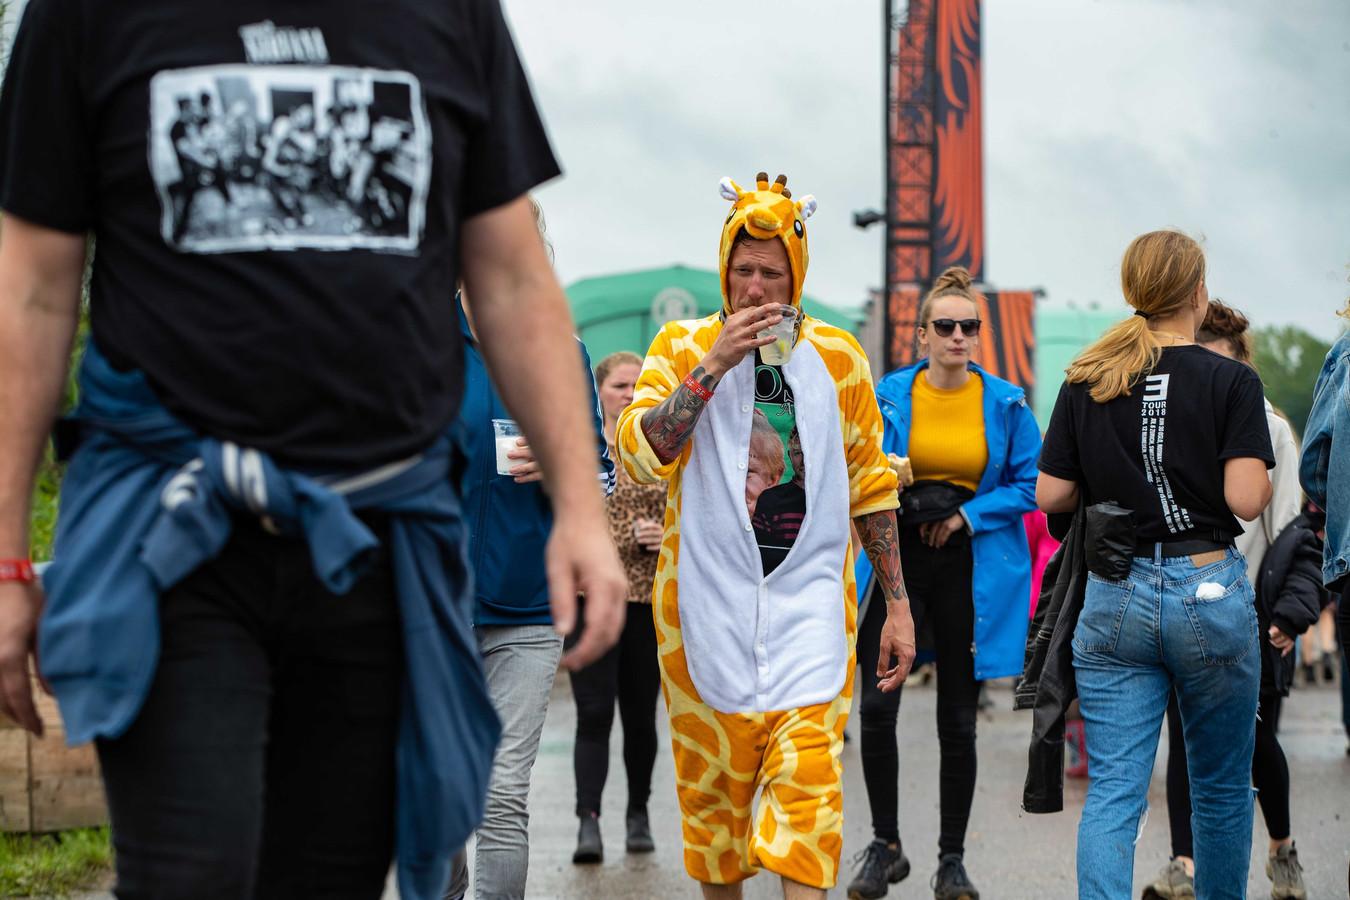 Giraffe-fashion.